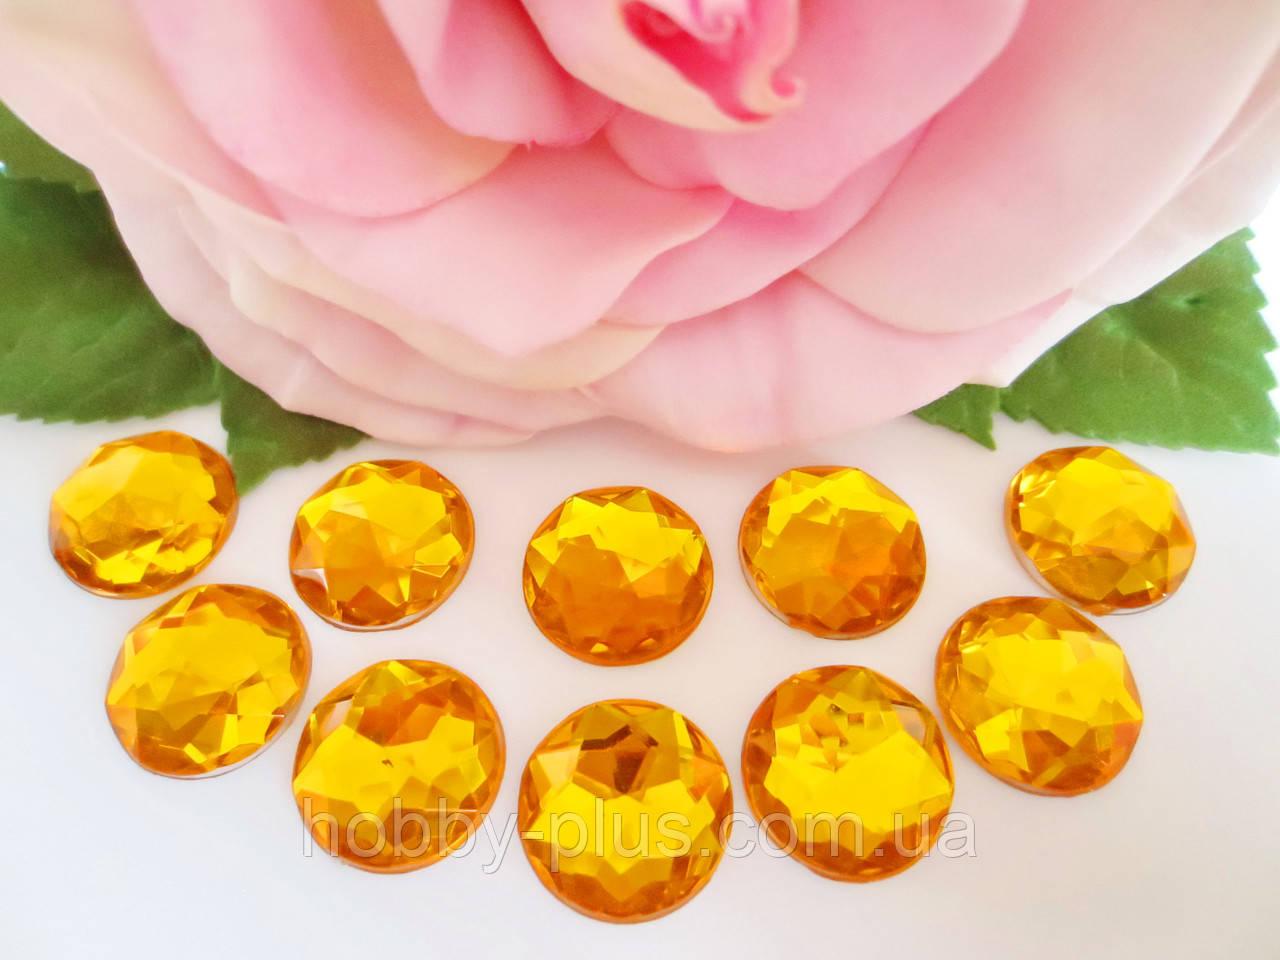 Камень клеевой круглой формы, d 14 мм, цвет желтый, 10 шт